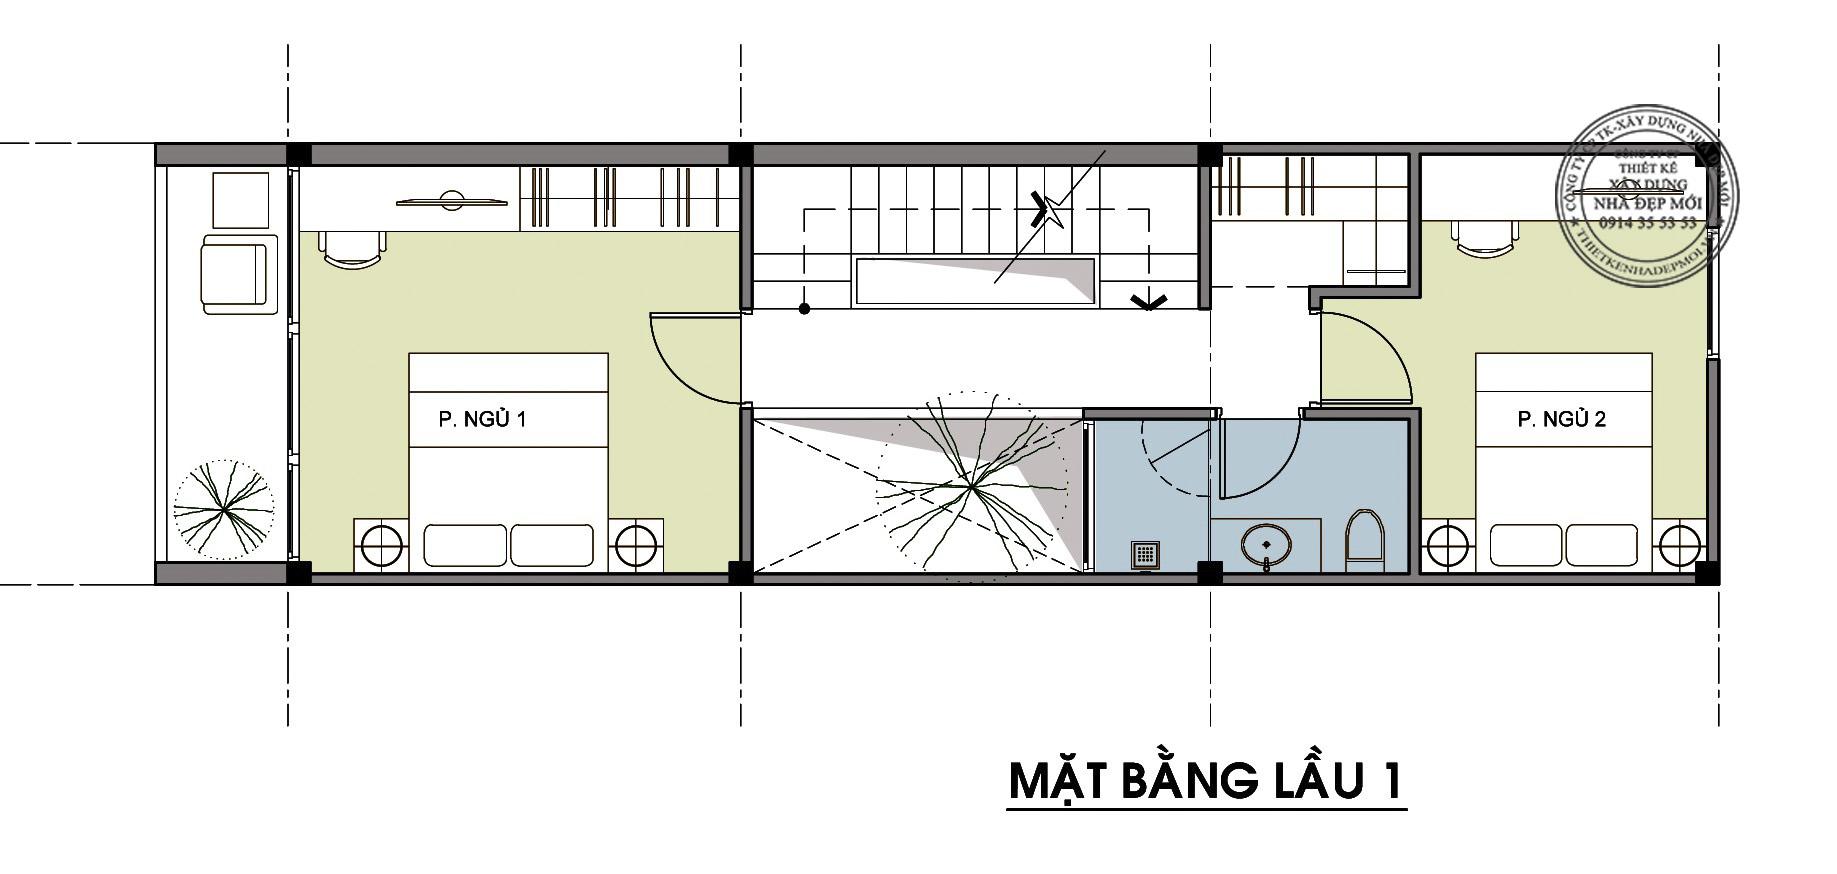 Thiết kế nhà đẹp 3 tầng-3